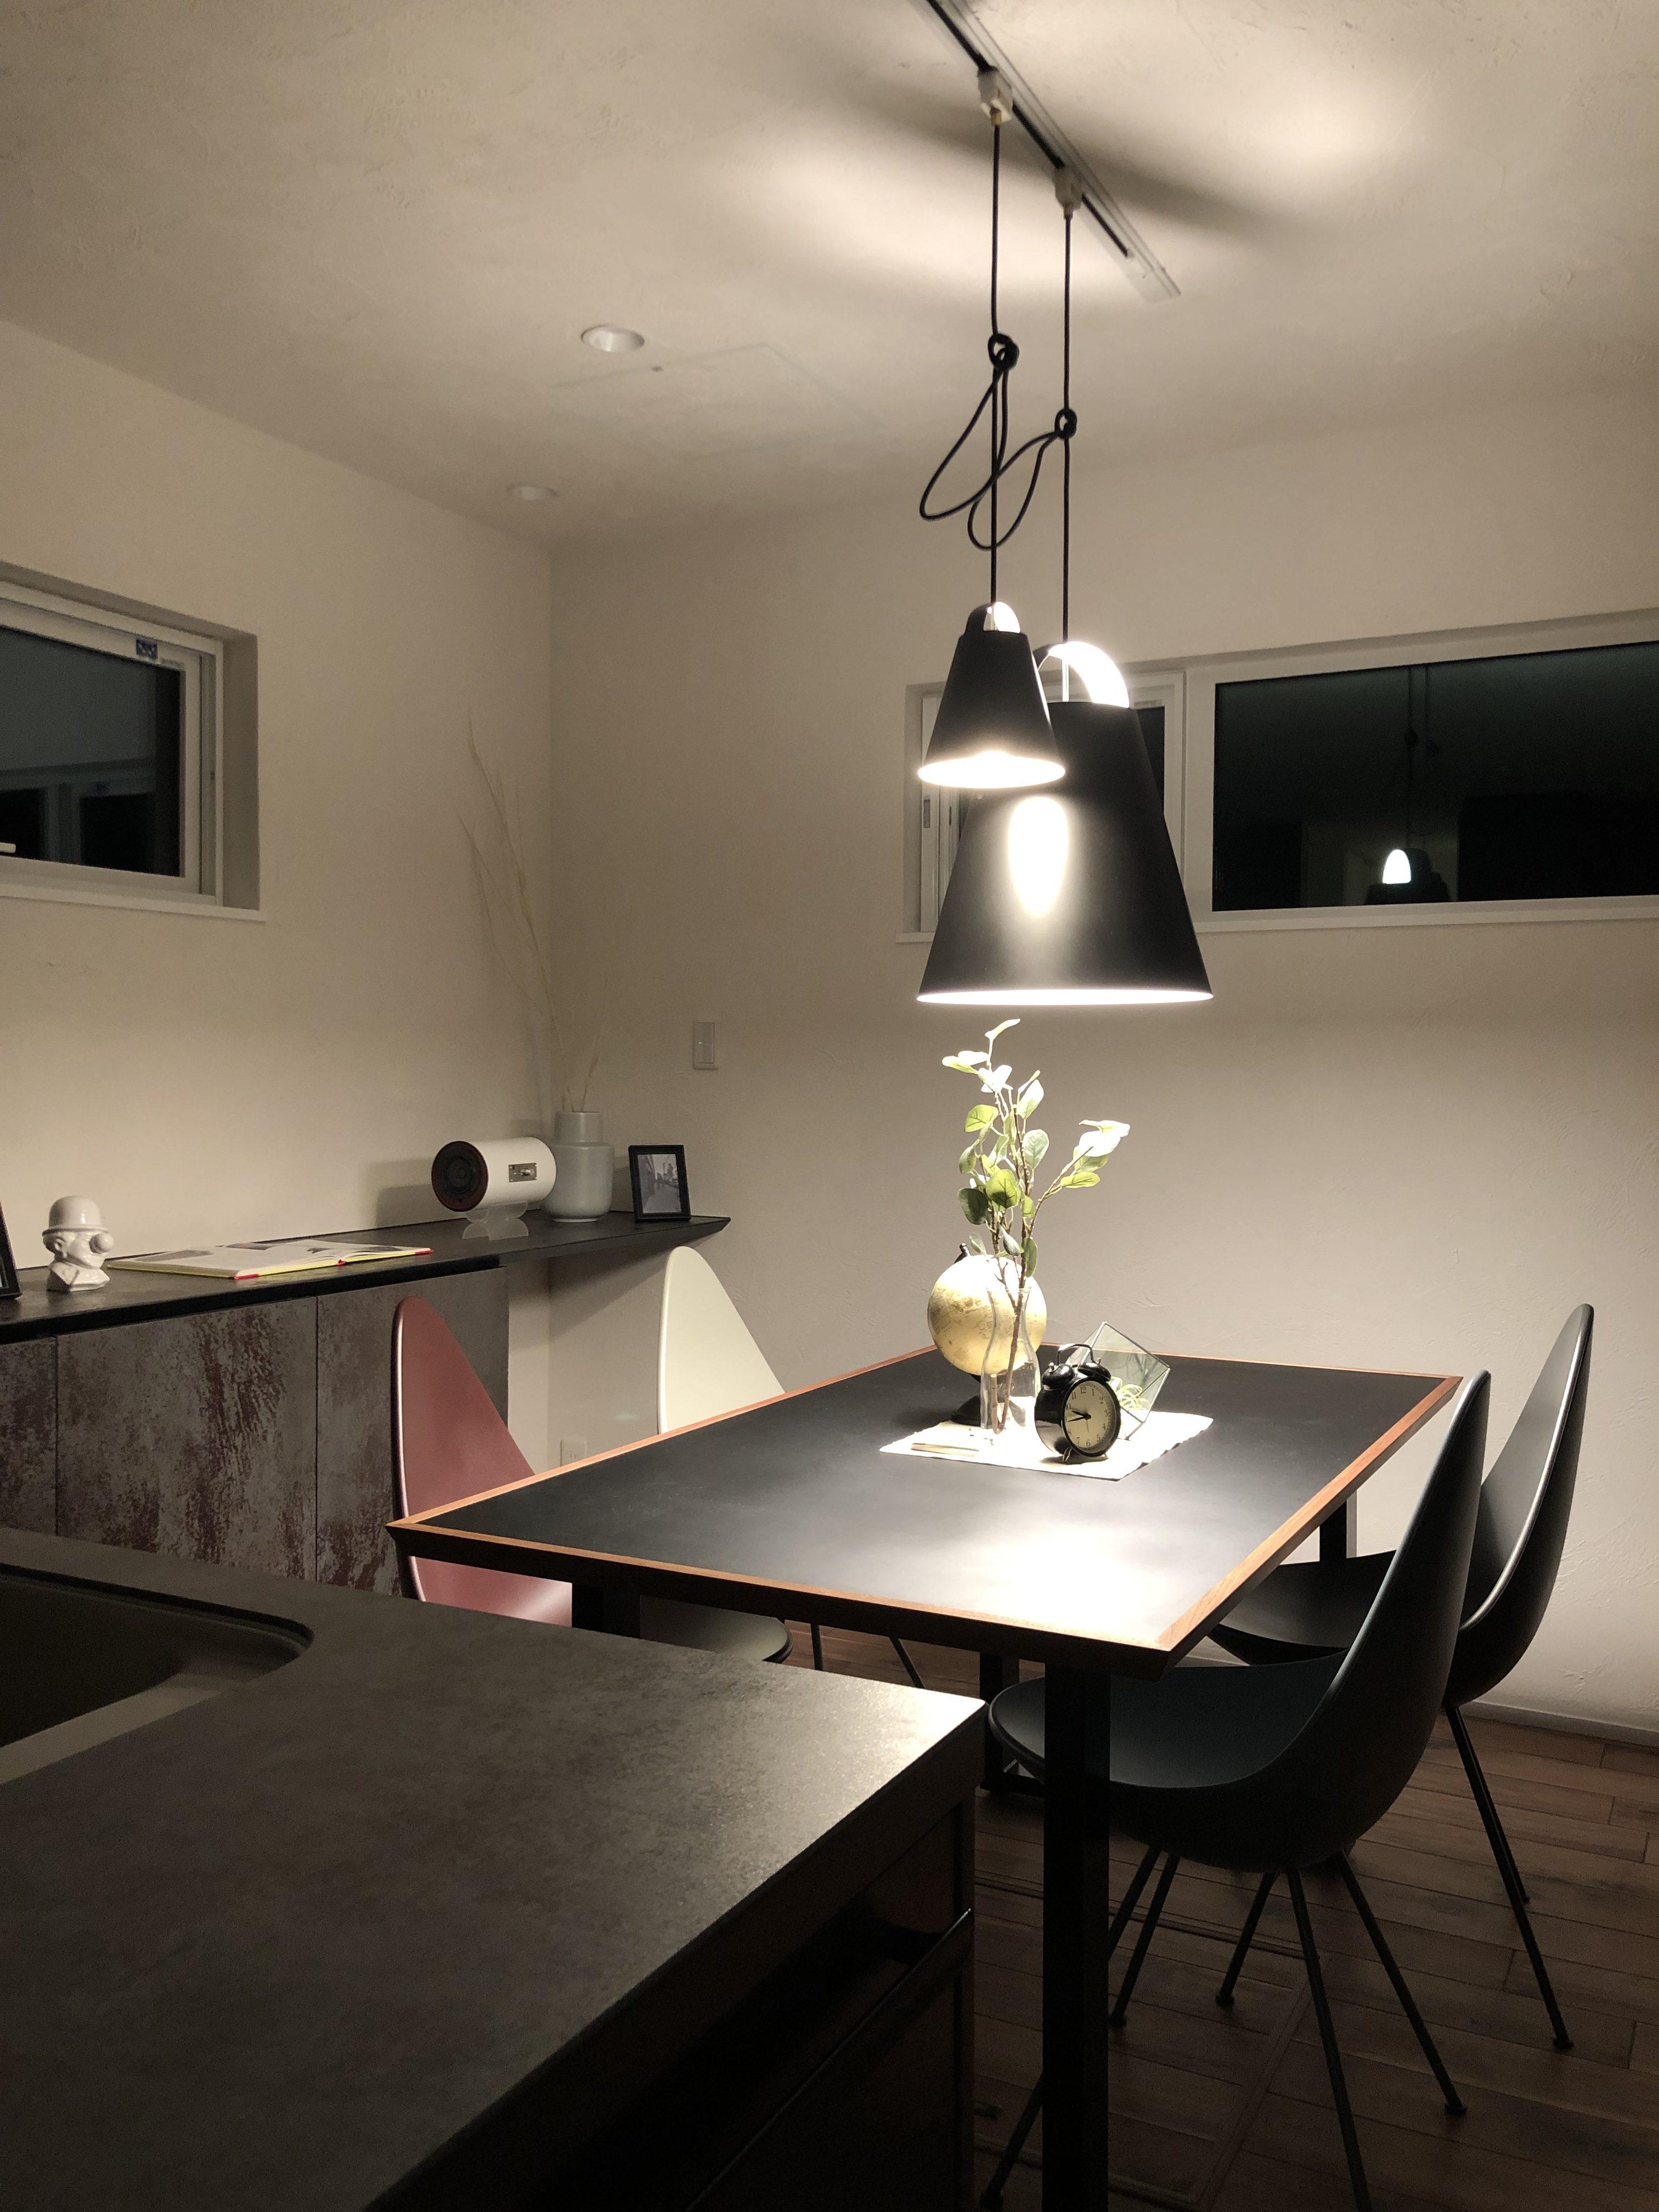 山梨県の工務店、未来建築工房とつくる注文住宅。|都留市の家、OPENHOUSE(見学会)